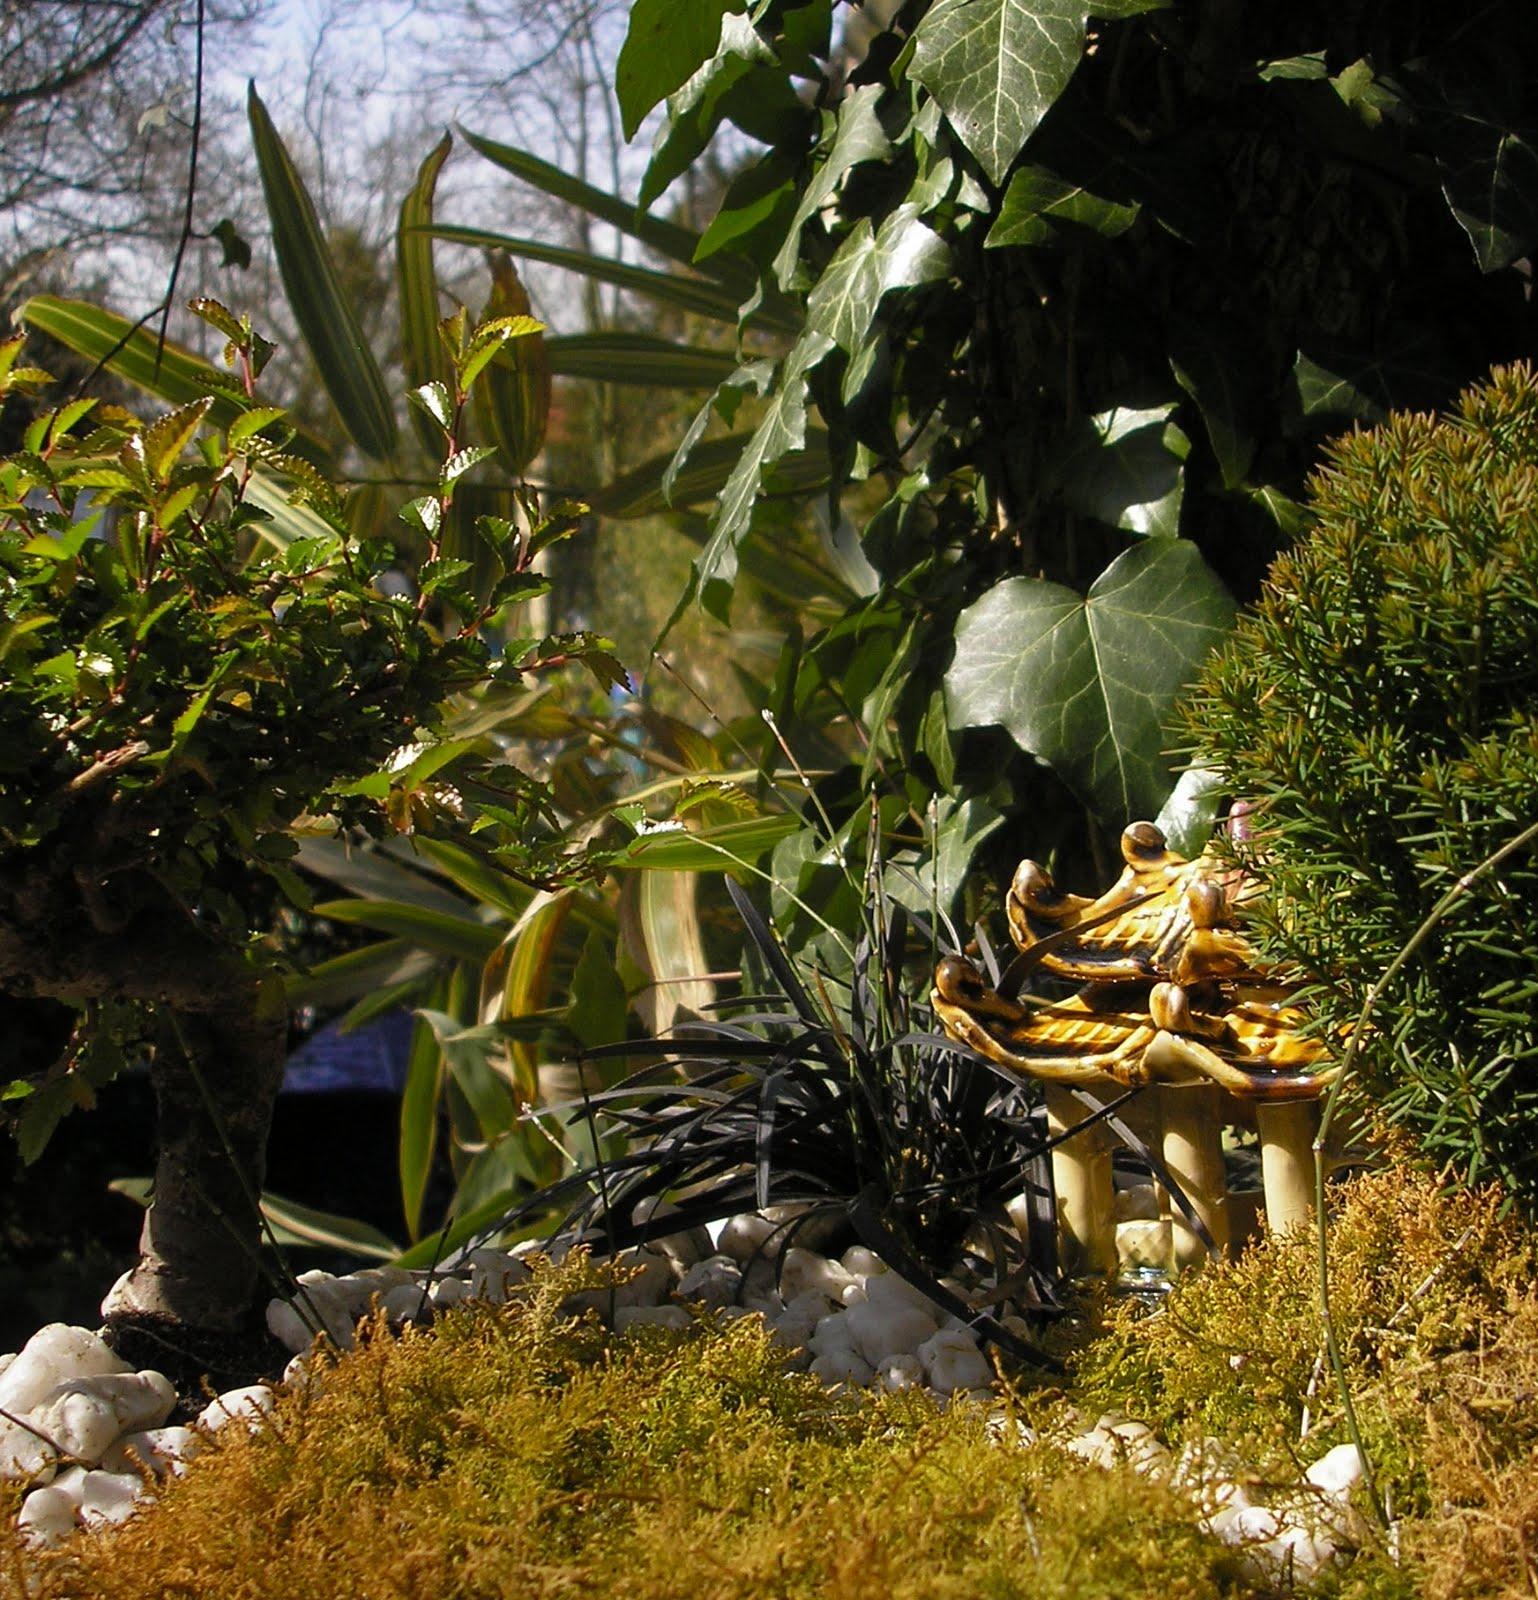 Jardins miniatures paysages intimes paysages r v s for Jardinerie des jardins